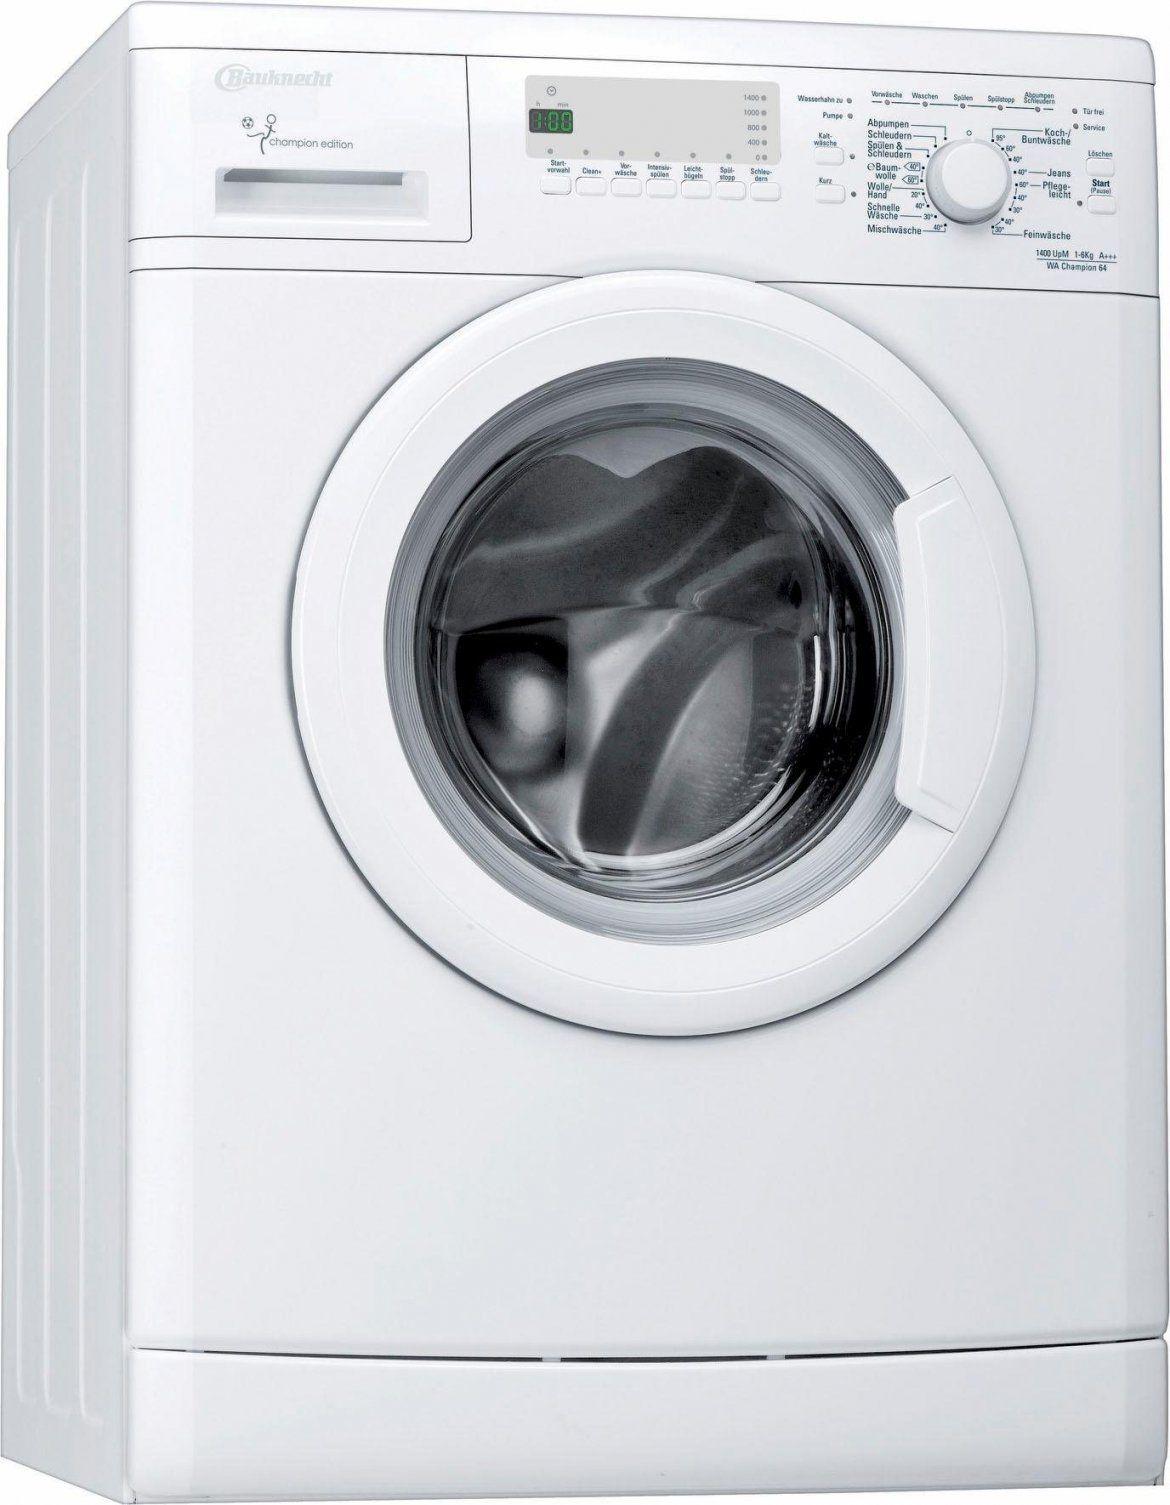 Gorenje W 6443 S Slim Line Waschmaschine Im Test 2018 von Gorenje W 6443 S Slim Photo